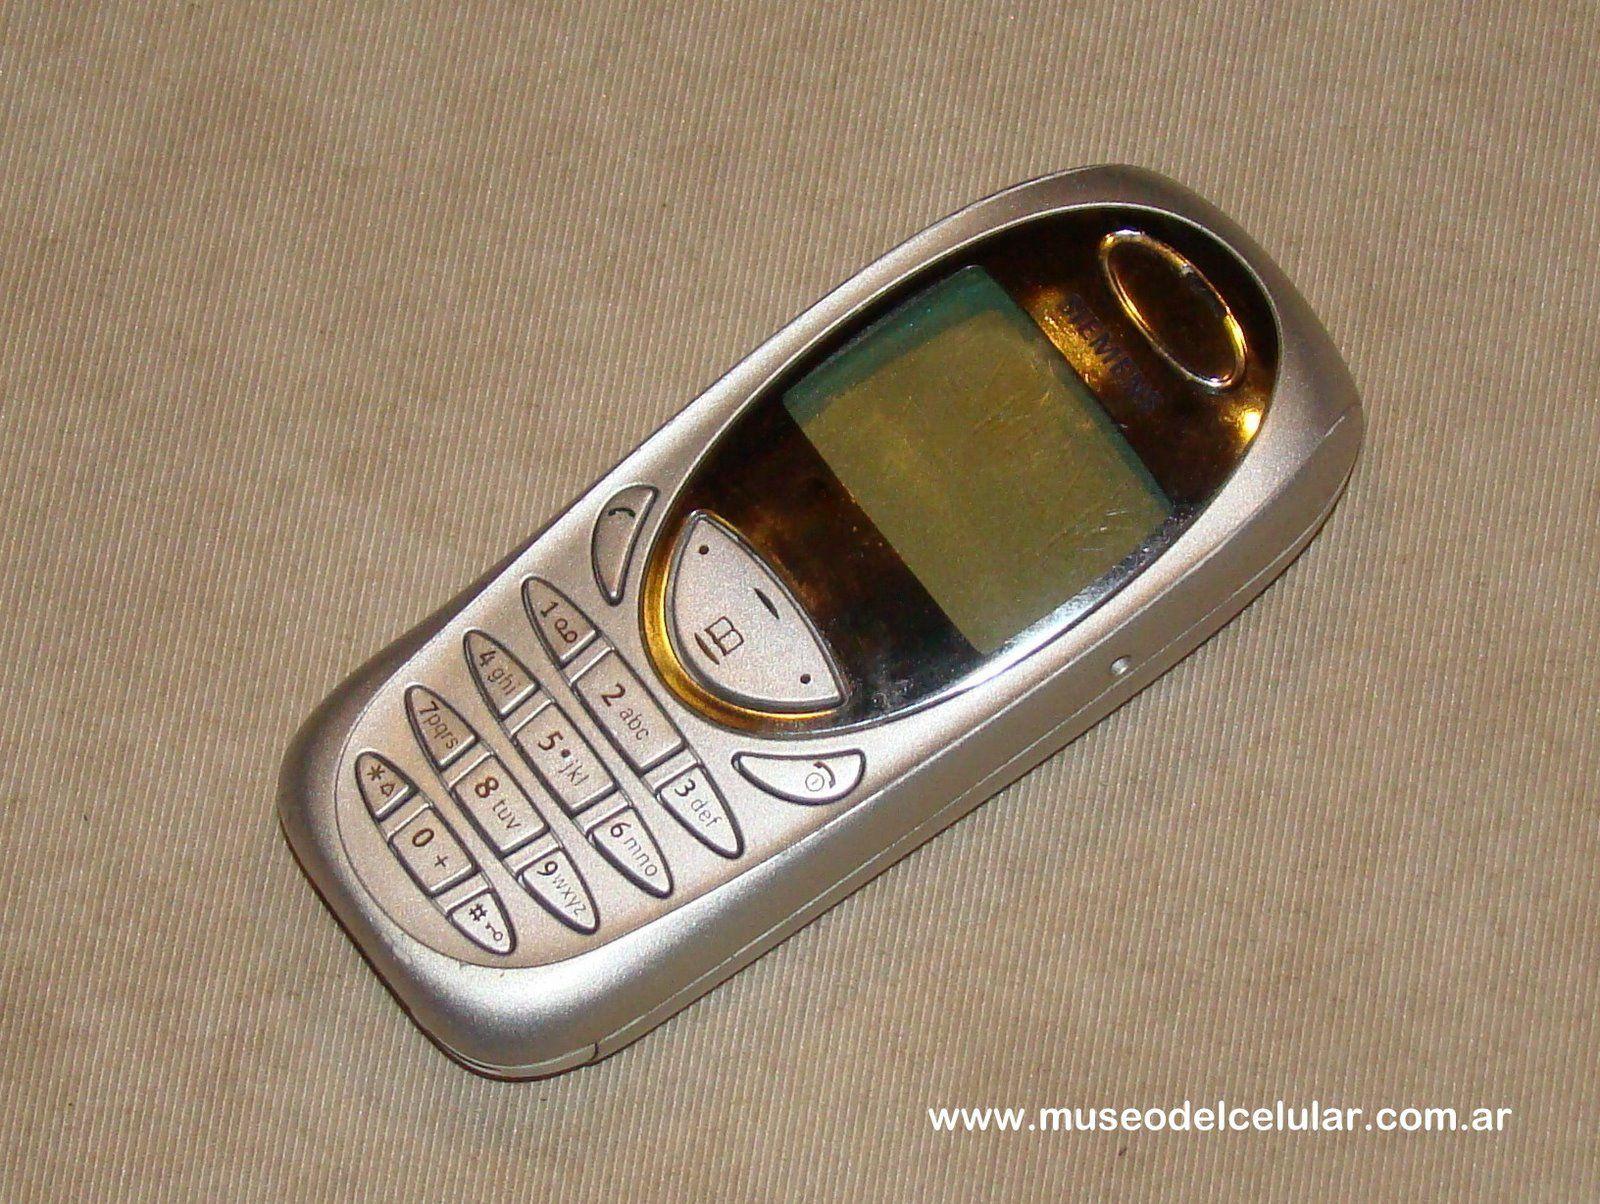 Celular Siemens A56i Lo Tuve Del 2003 Al 2005 My Phones